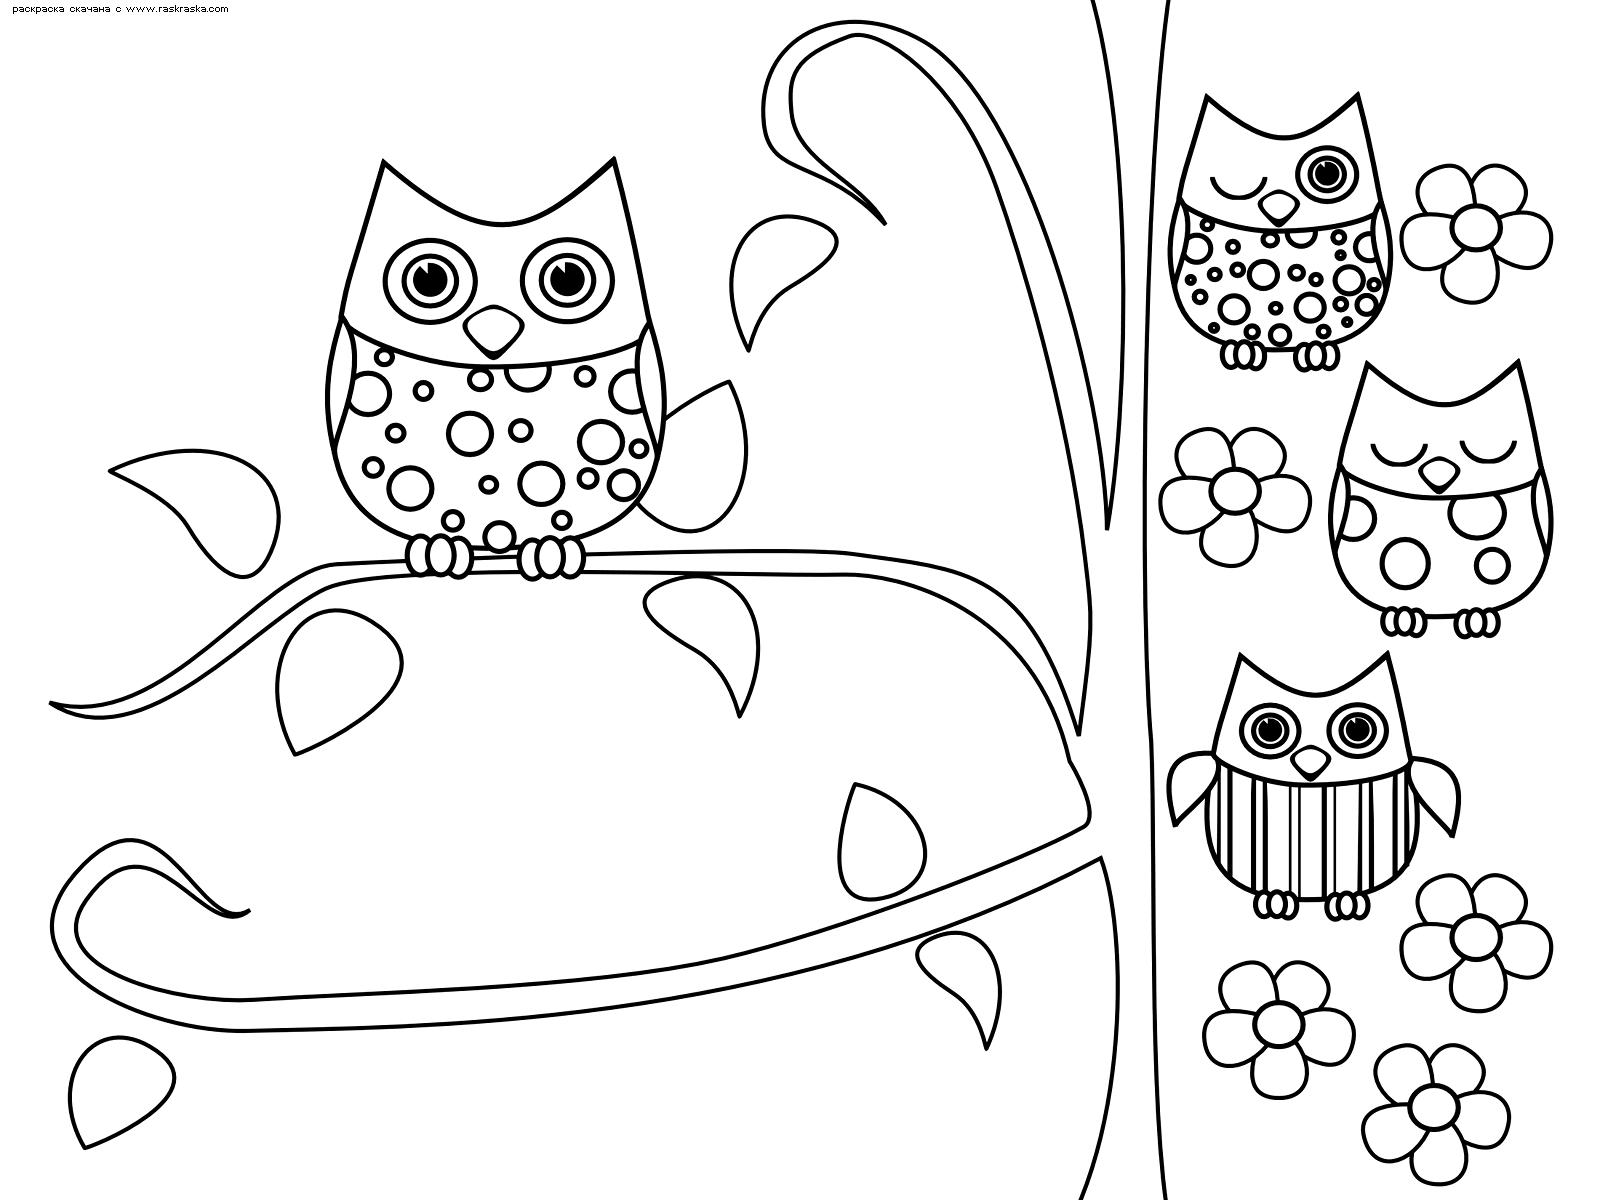 Раскраска Совы. Раскраска совы, антистресс